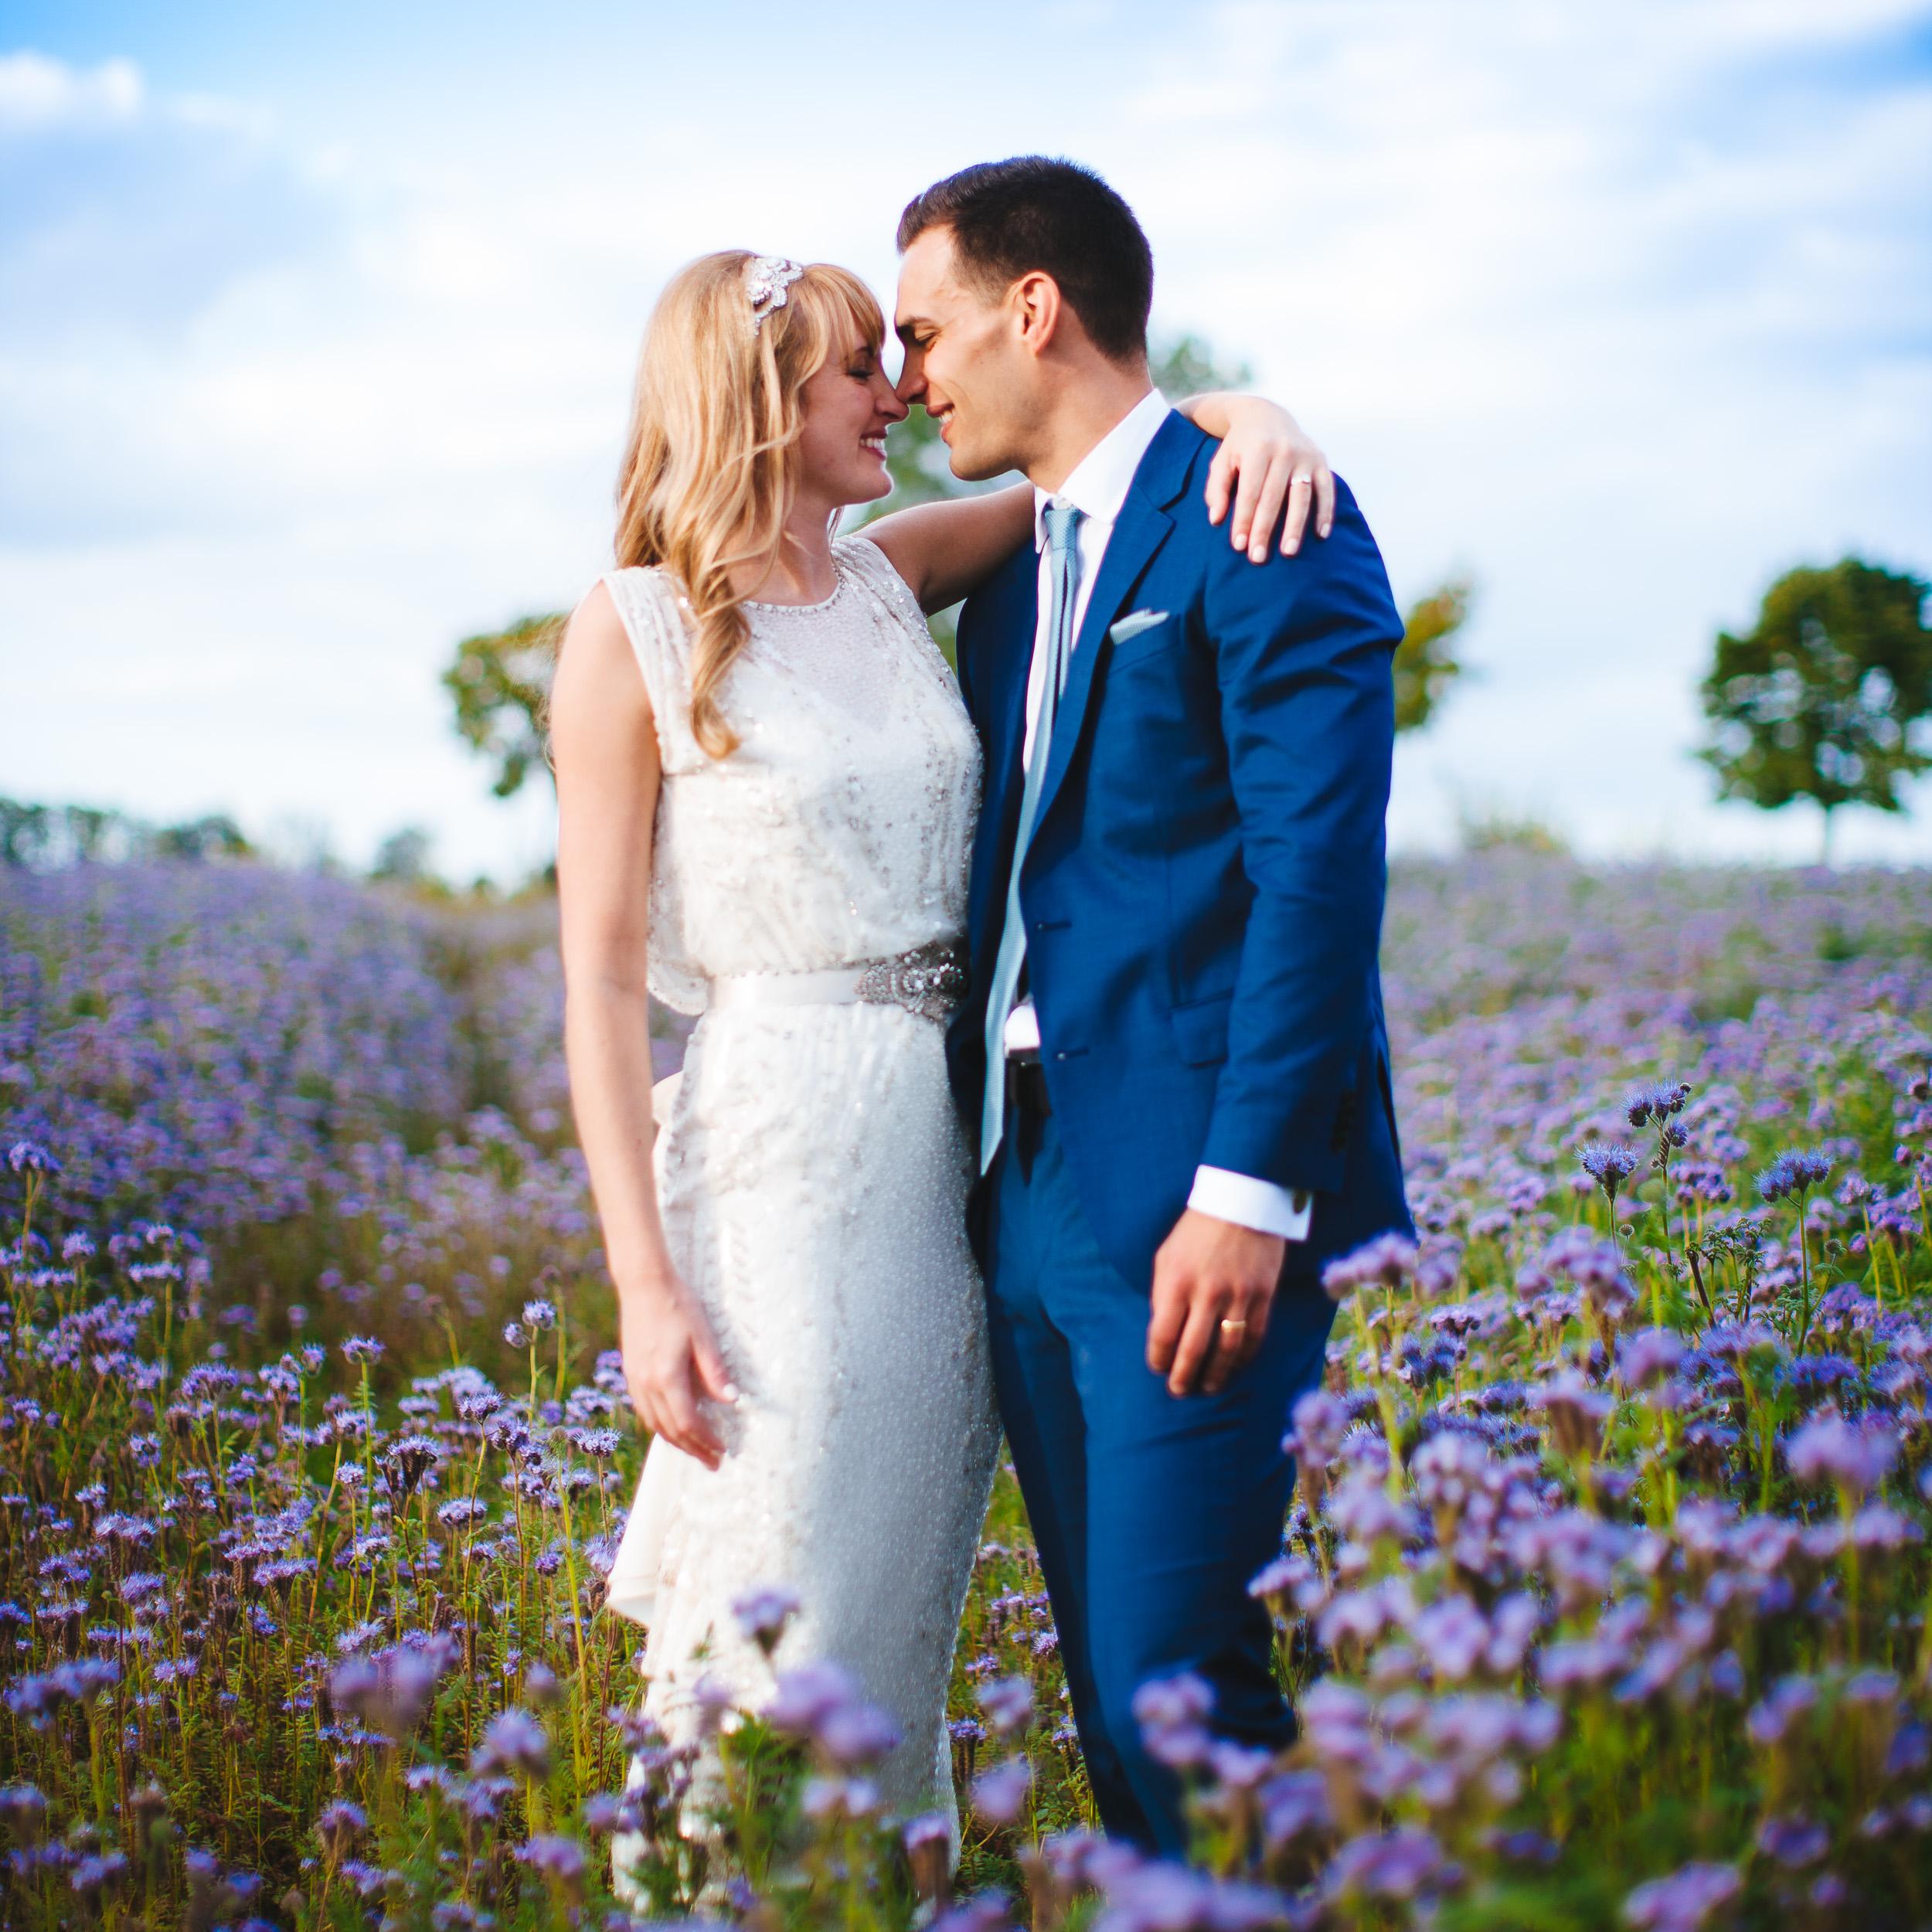 Joe & Laura - Great Bardfield // Felstead Essex